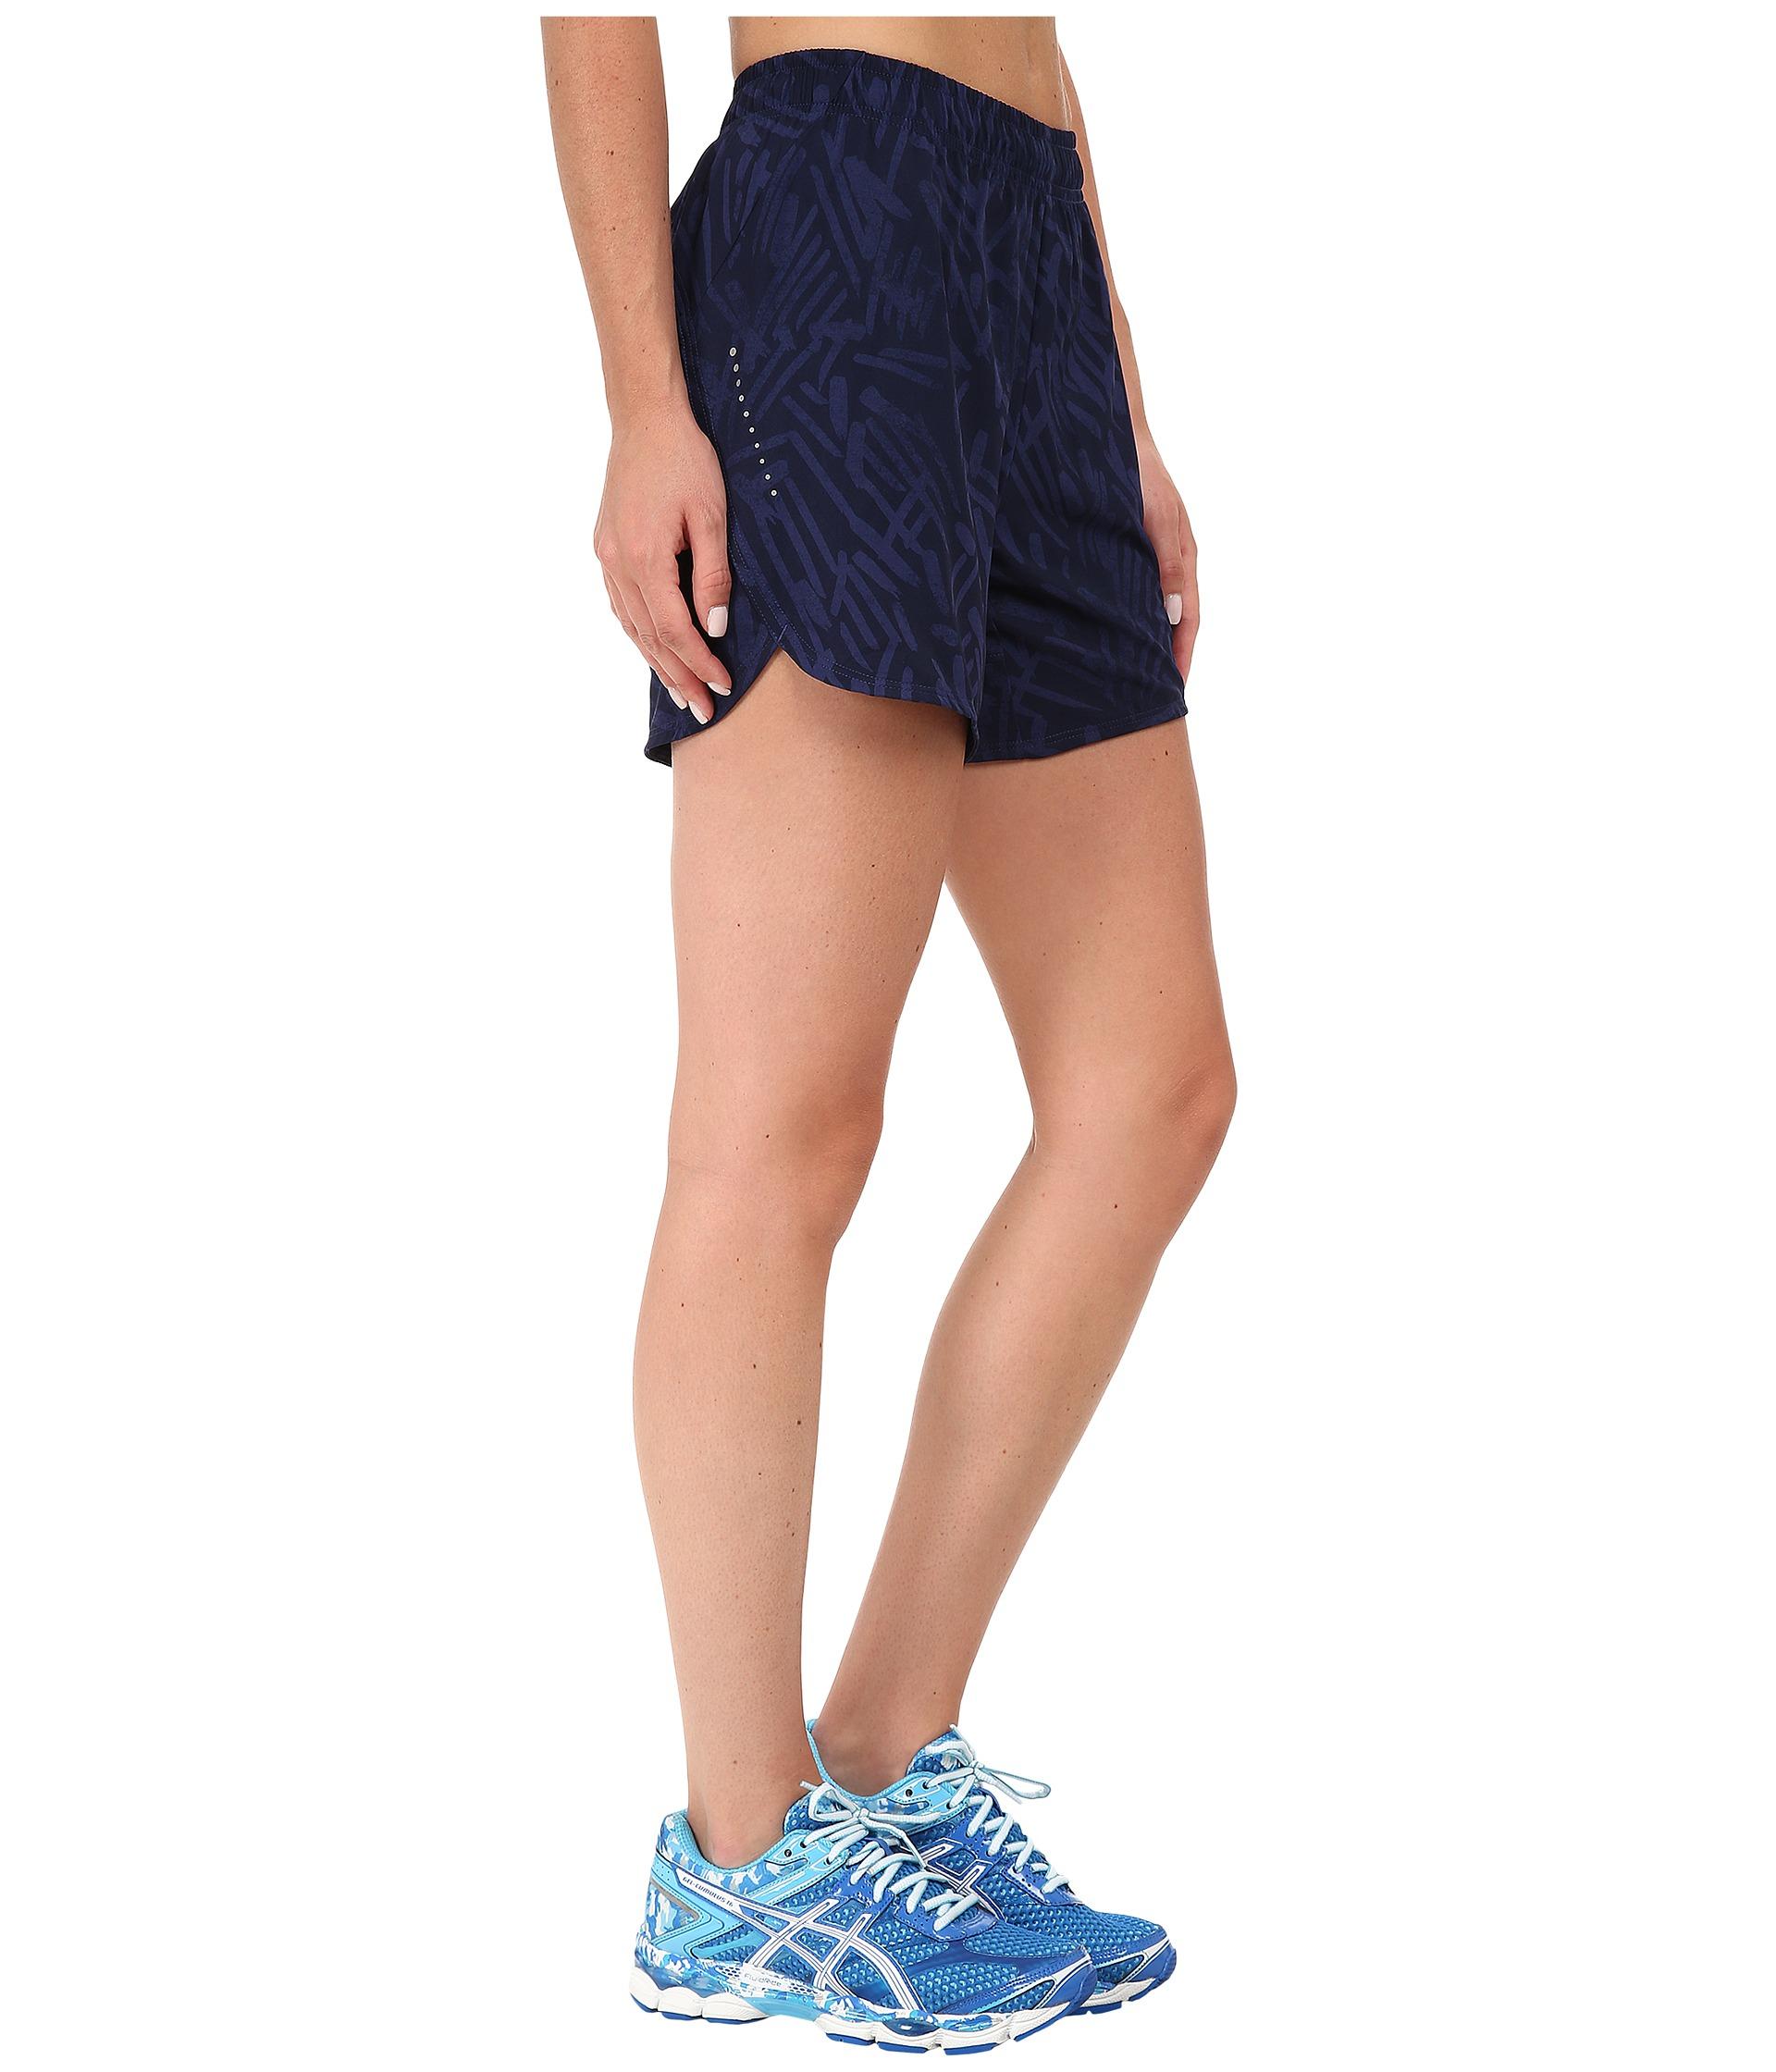 asics 55 running shorts